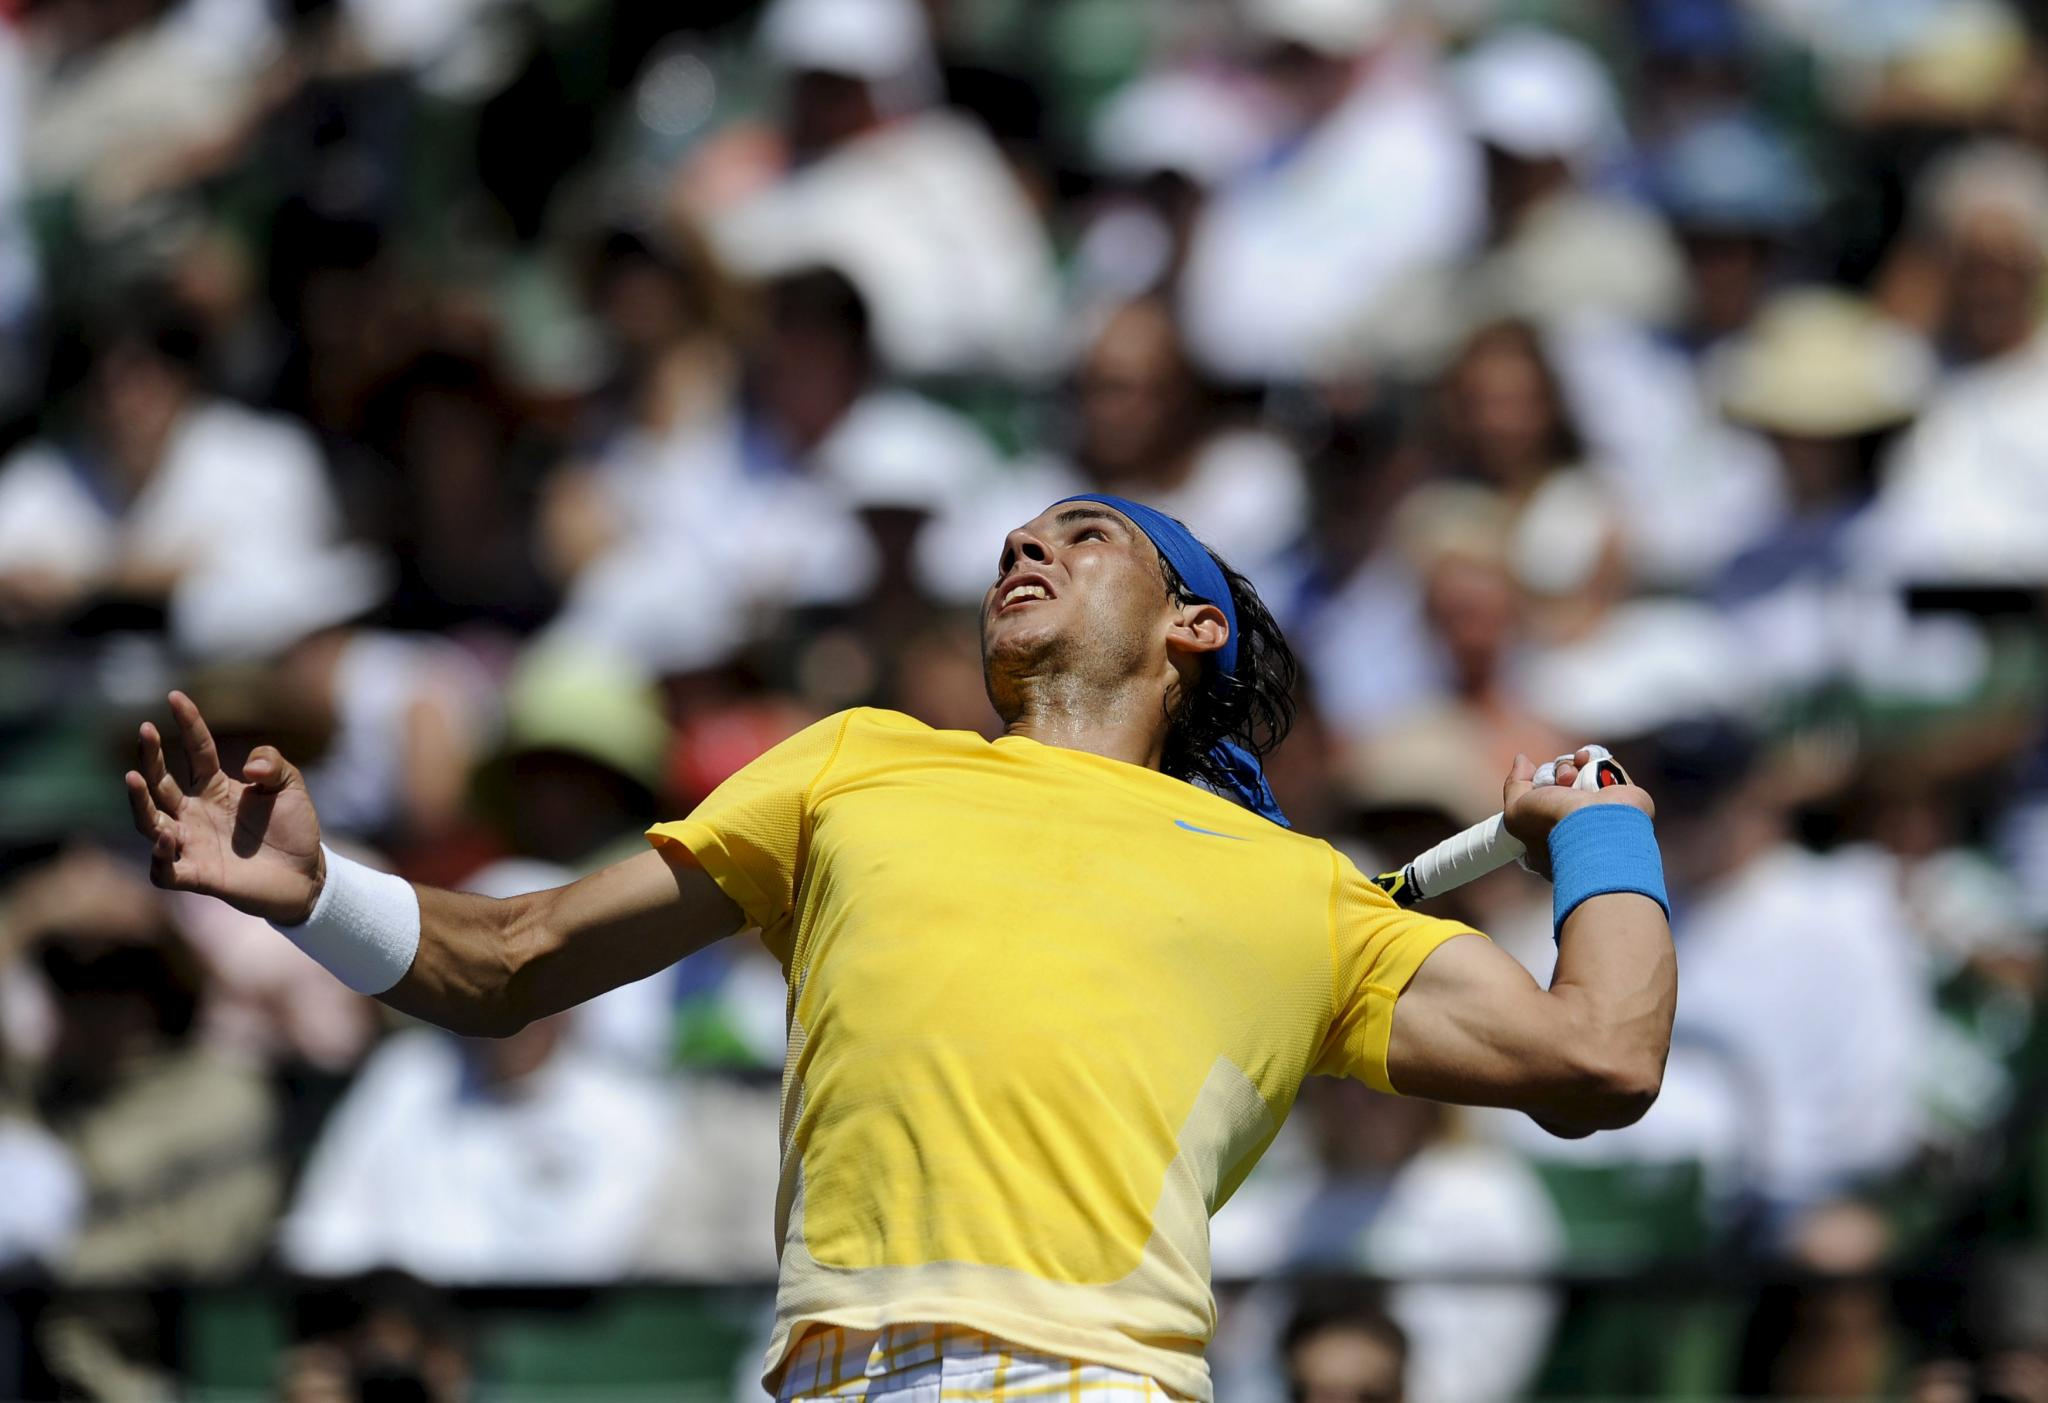 Rafael Nadal - Andy Roddick